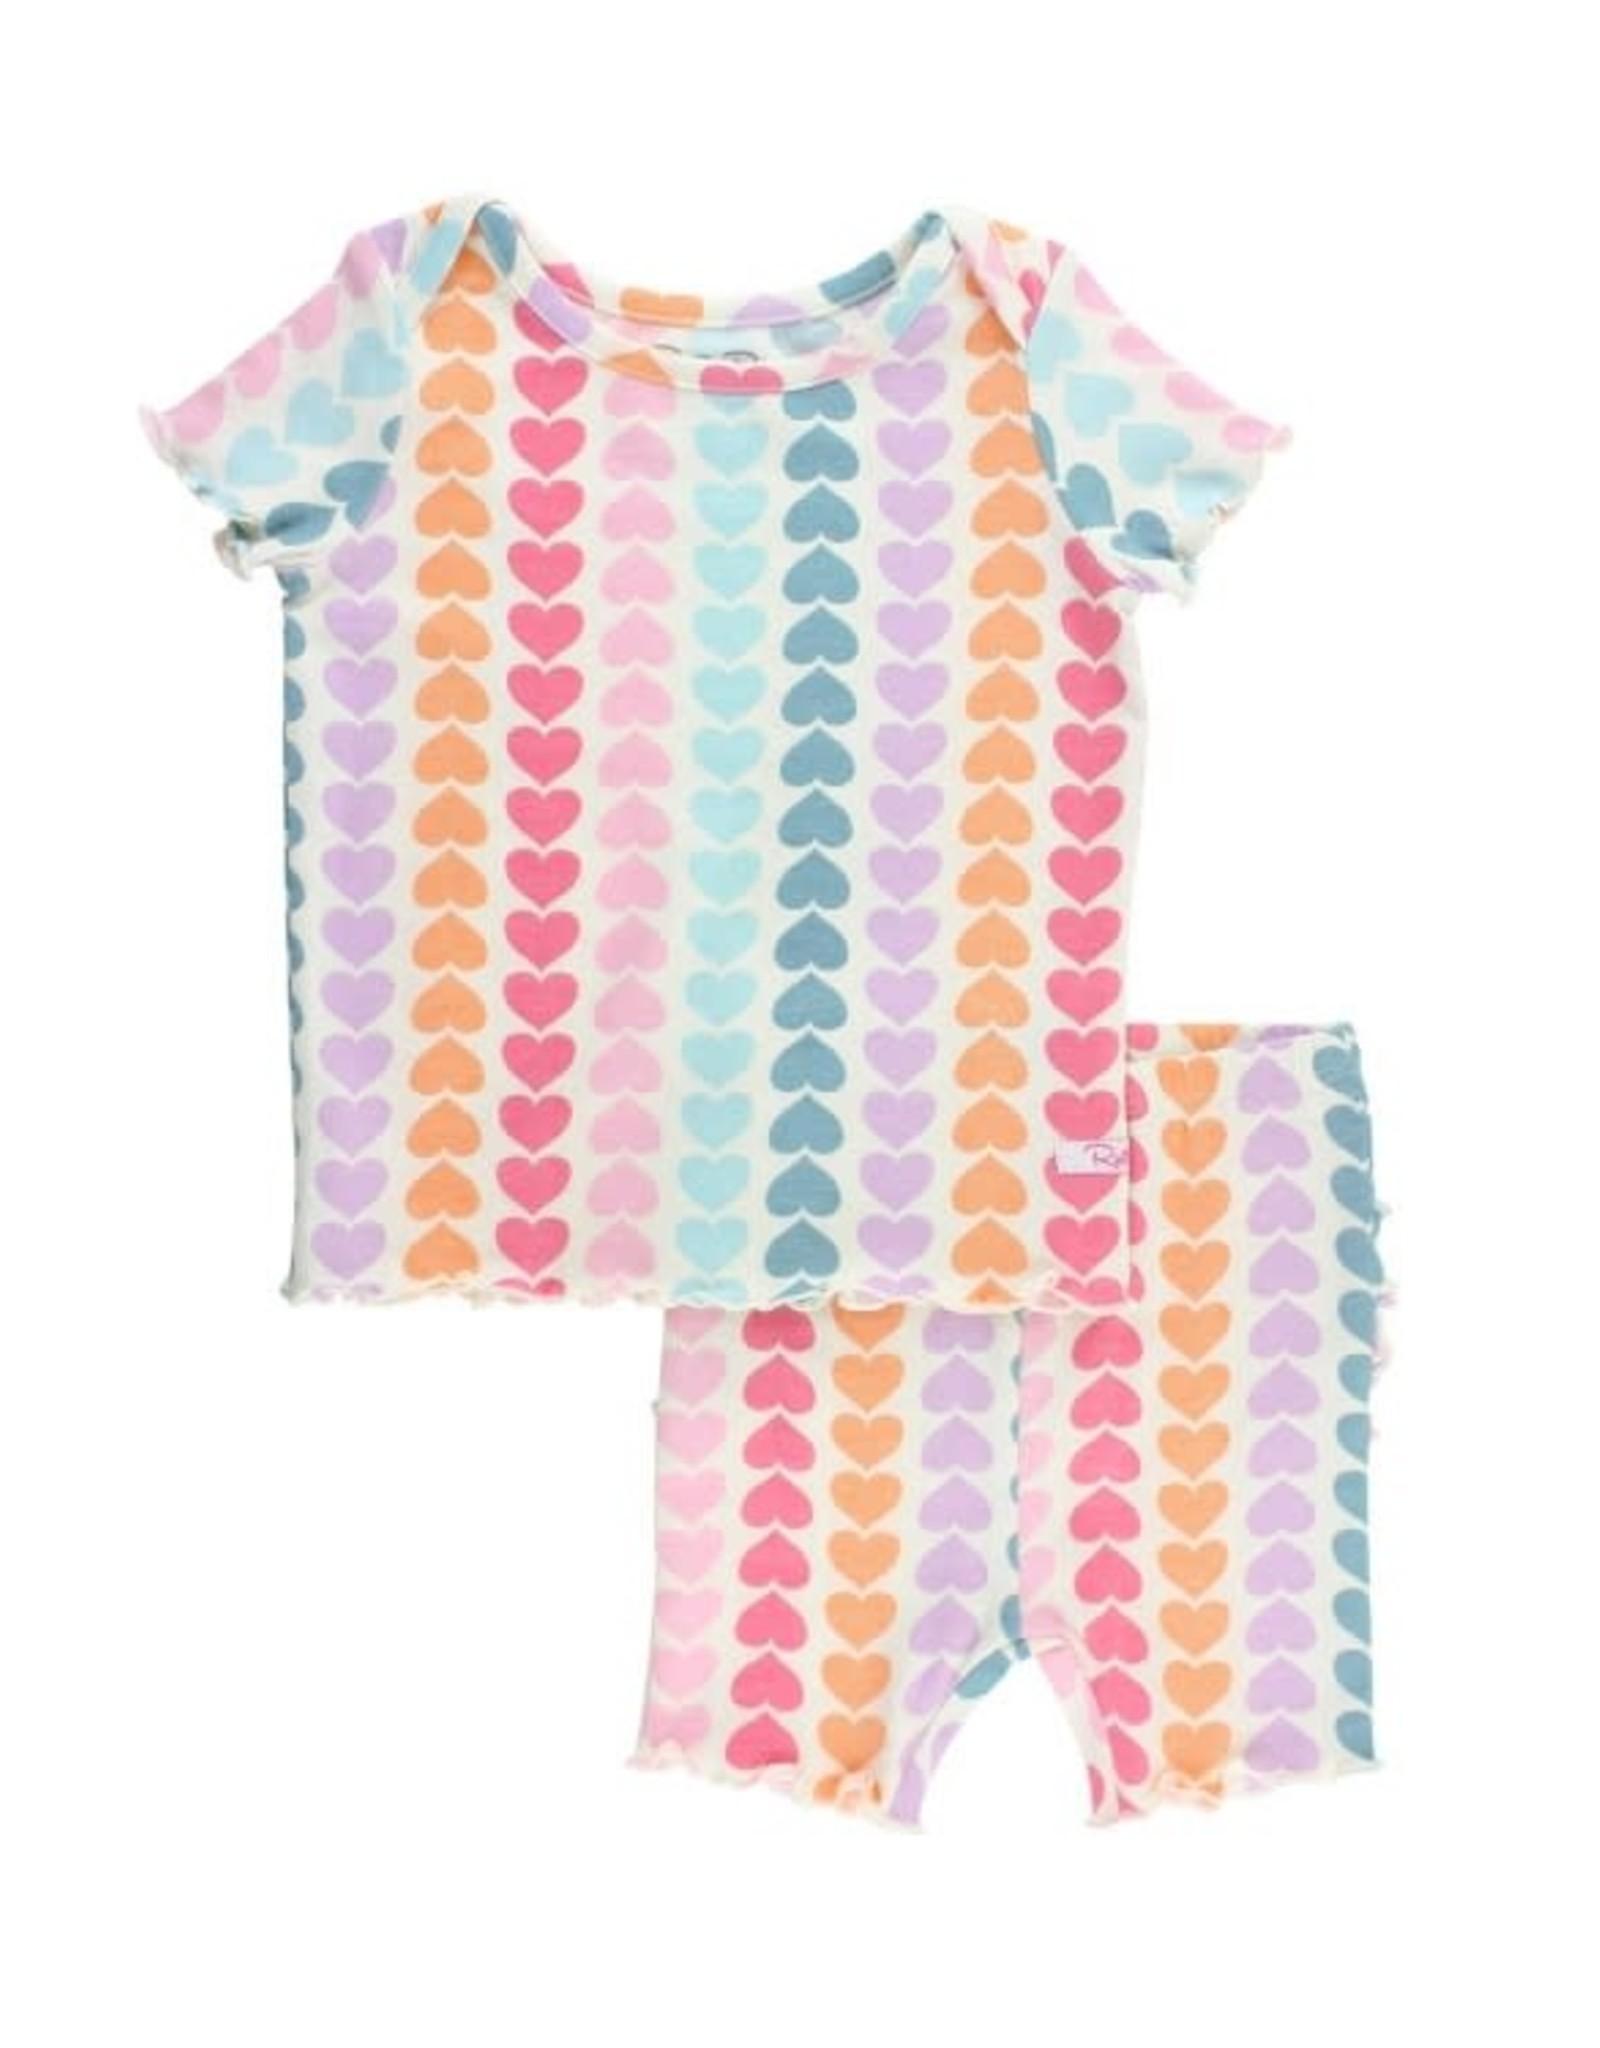 RuffleButts Rainbow Hearts Snuggly 2pc Ruffled Pajamas